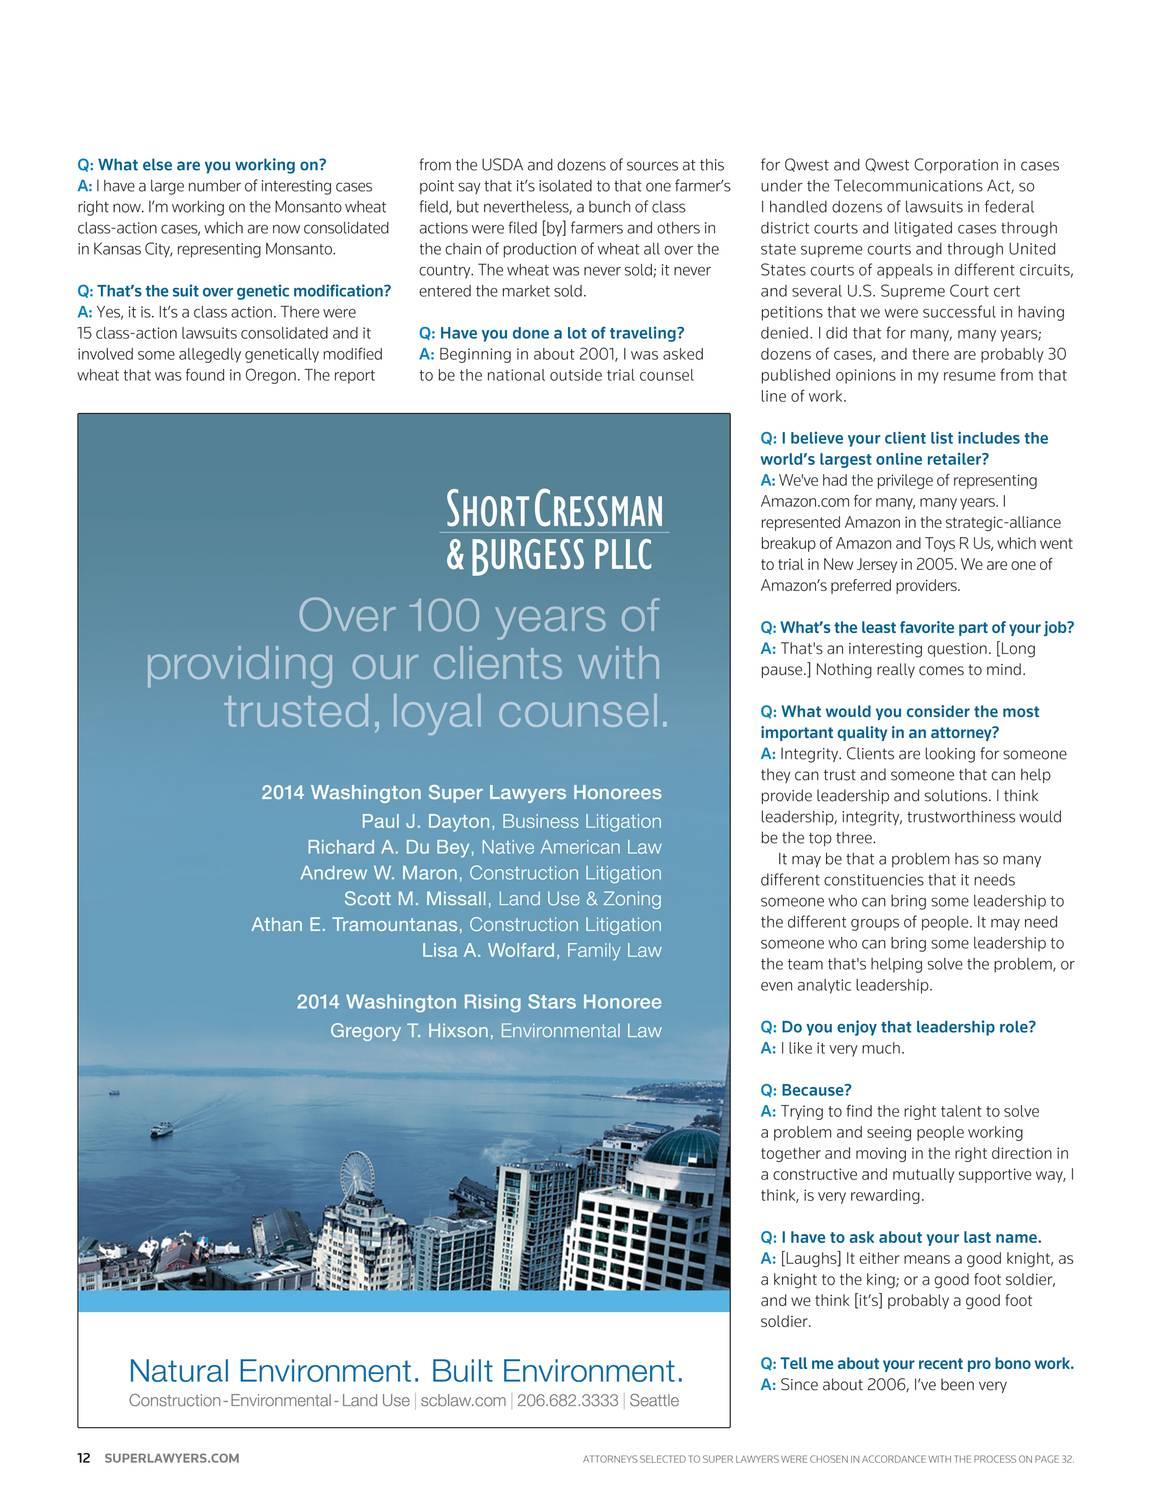 Super Lawyers - Washington 2014 - page 13